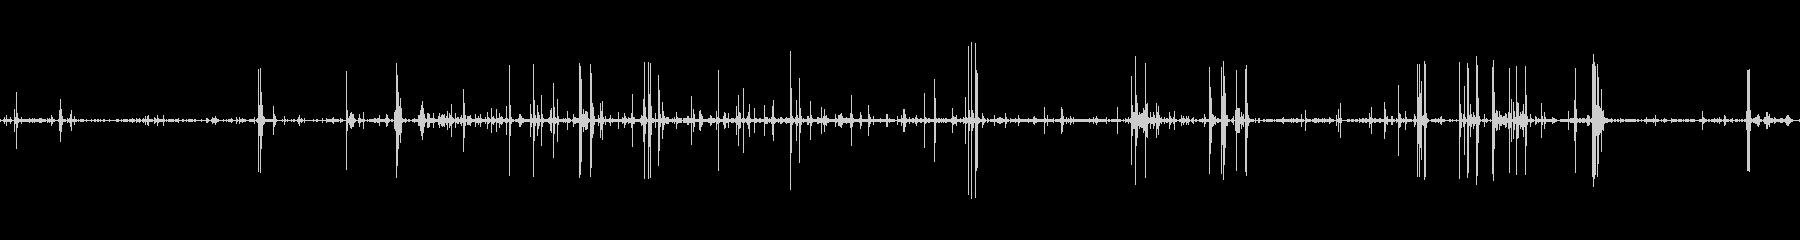 ボックスロードメタルウッドの未再生の波形